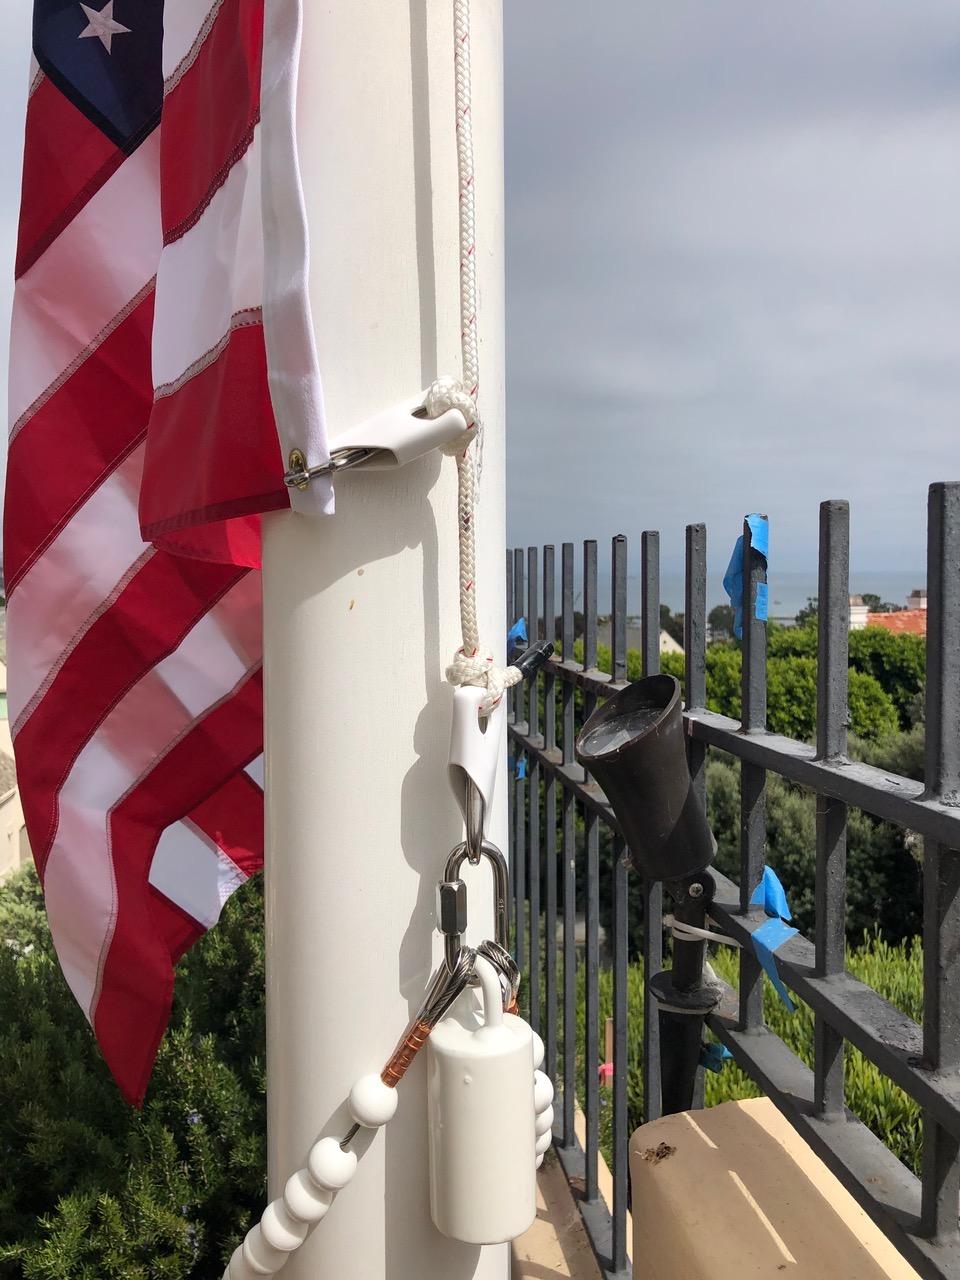 Flagpole Hardware